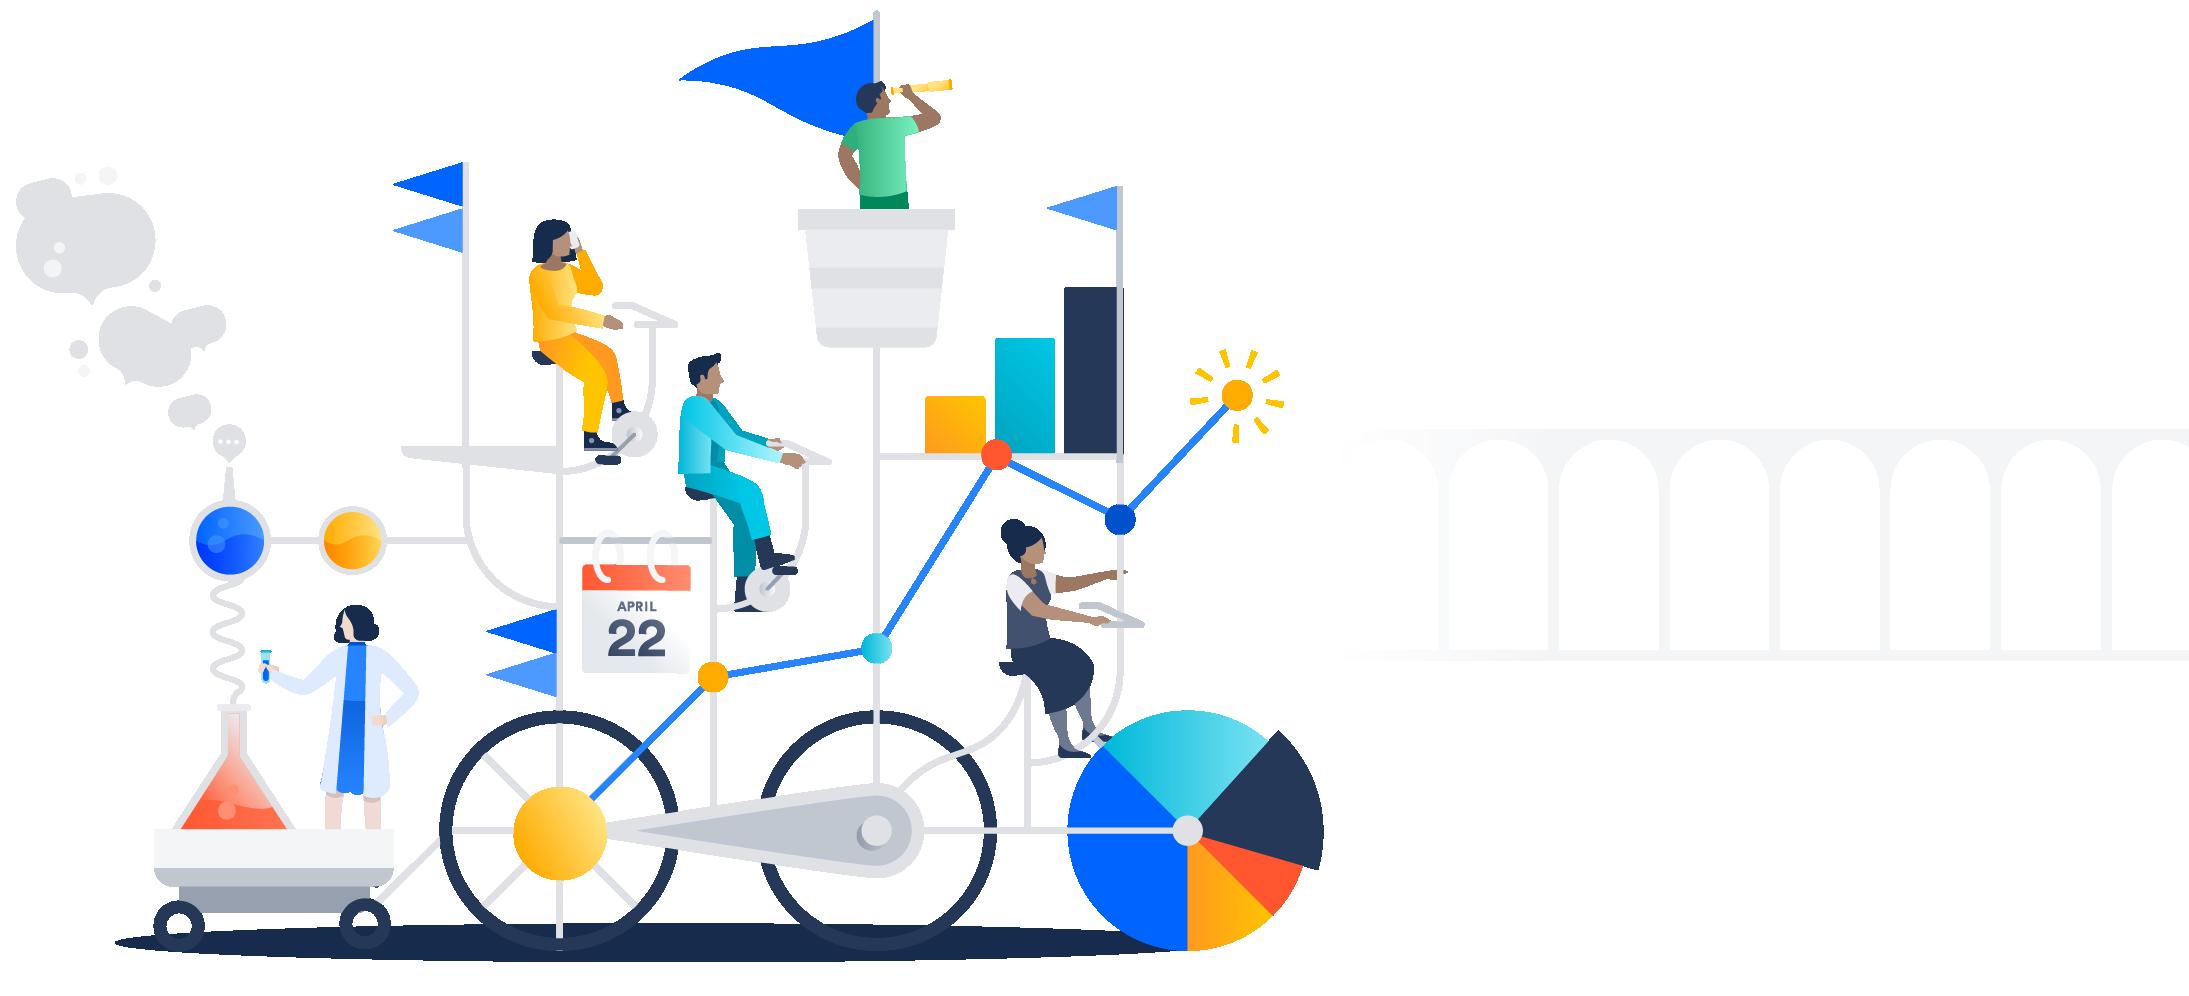 Afbeelding van meerdere mensen op een complexe fiets